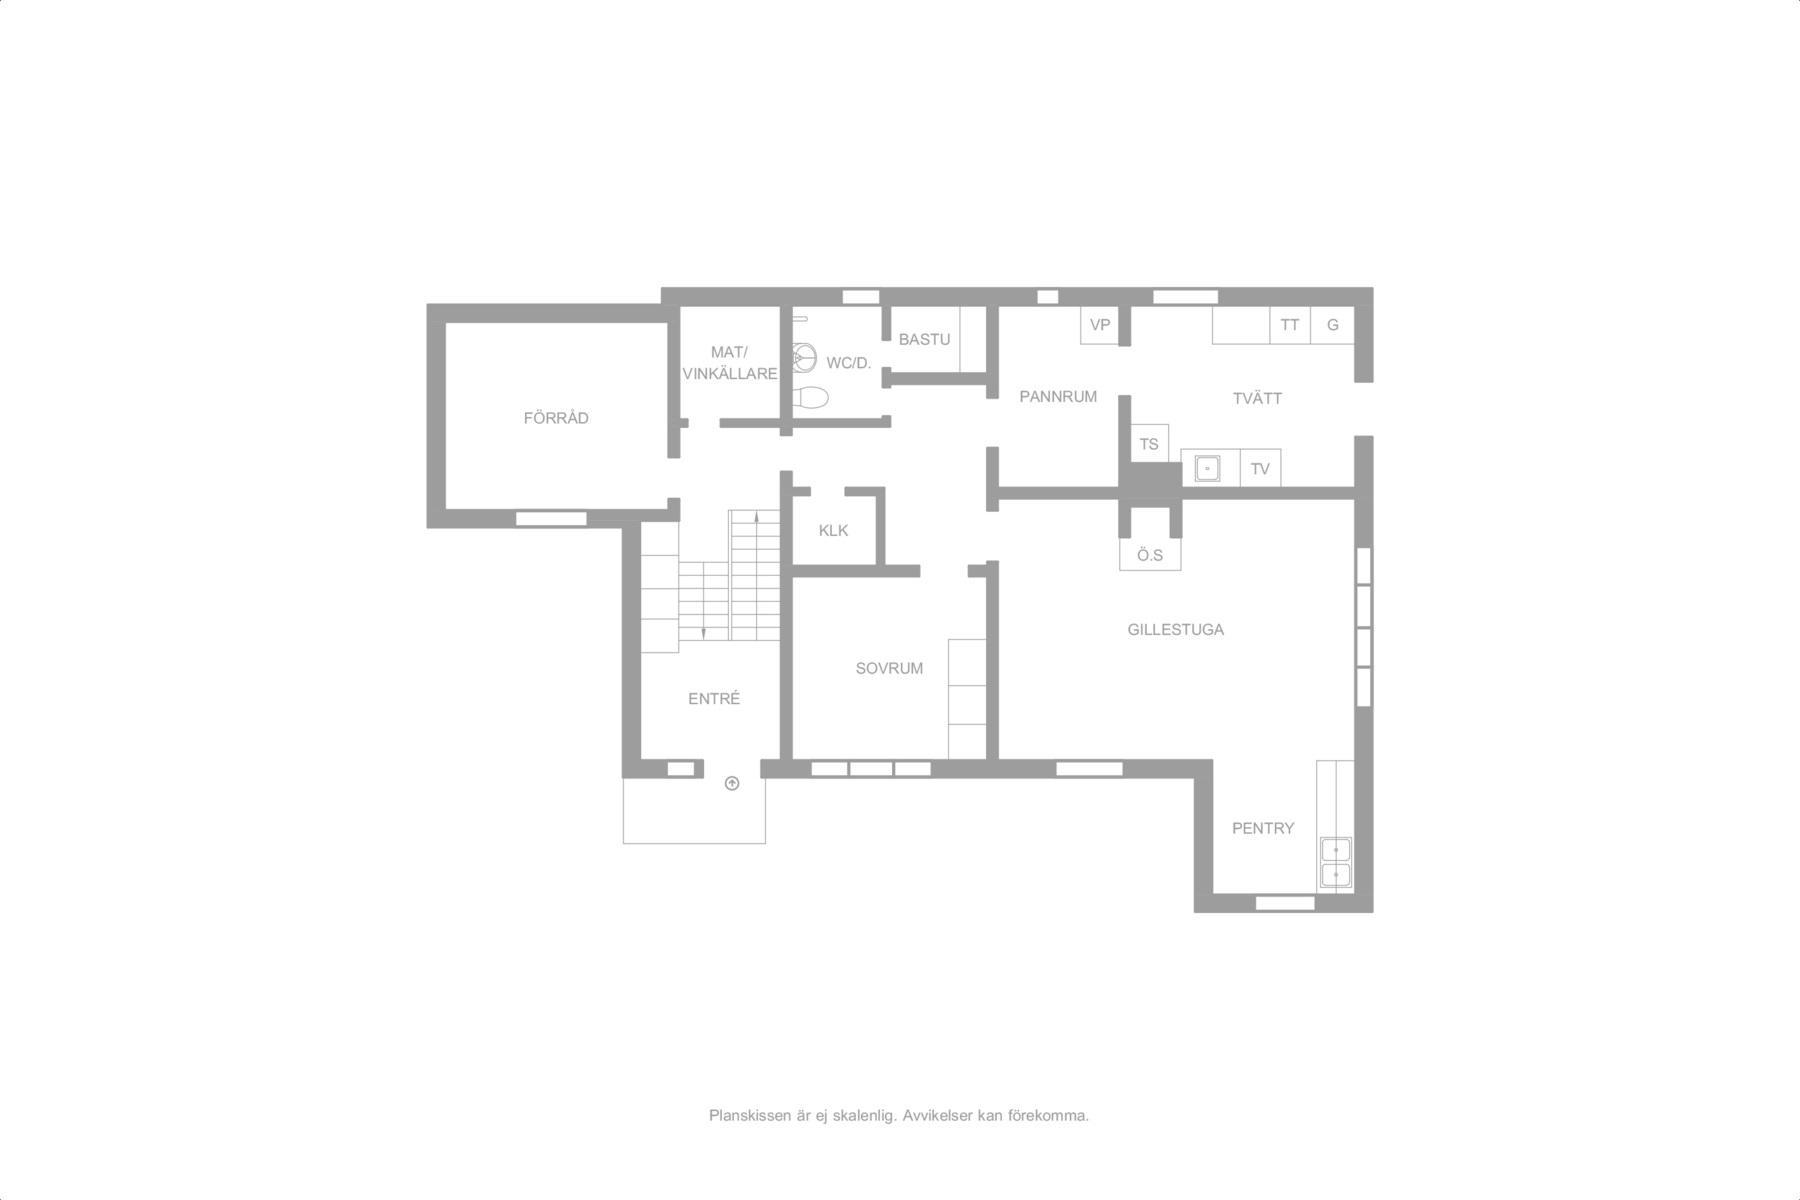 Alternativ ritning med separat lägenhet